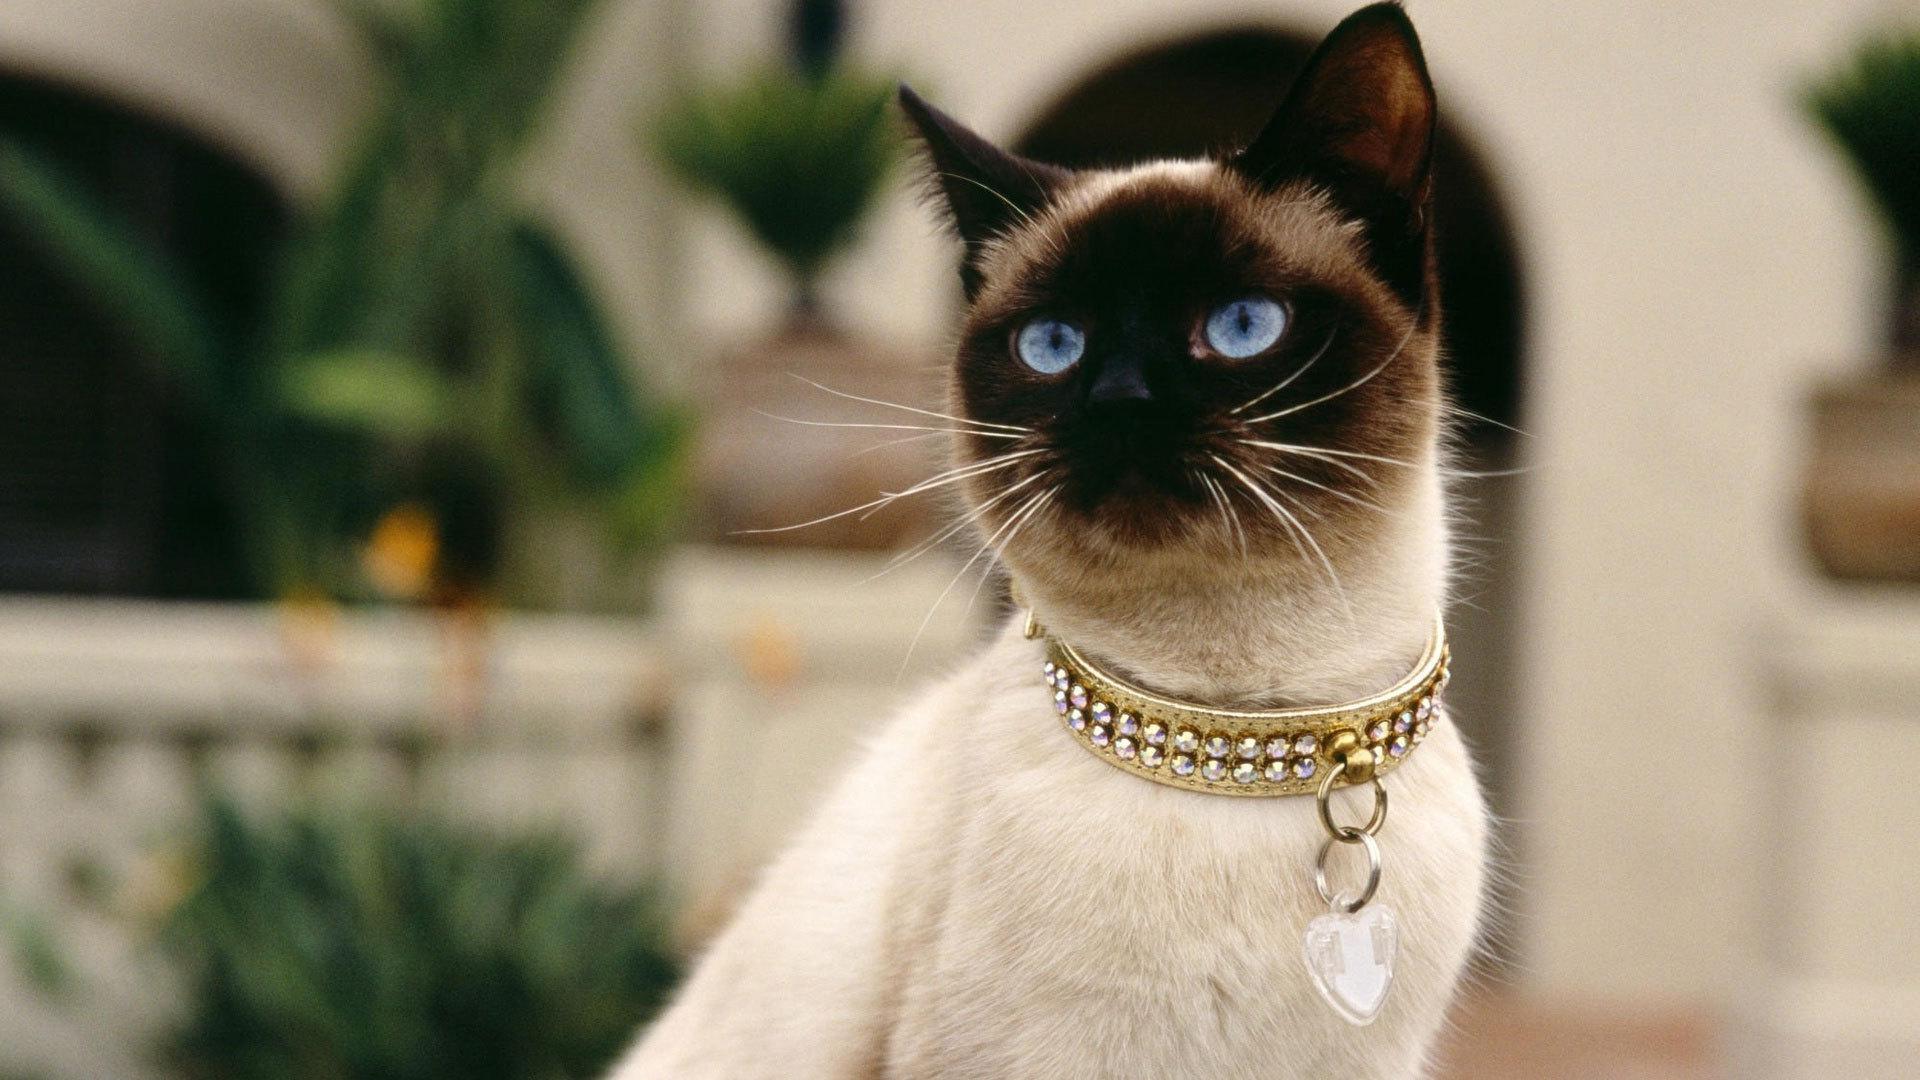 Serrade Petit Kitten: Serrade Siamese In The Street Breed